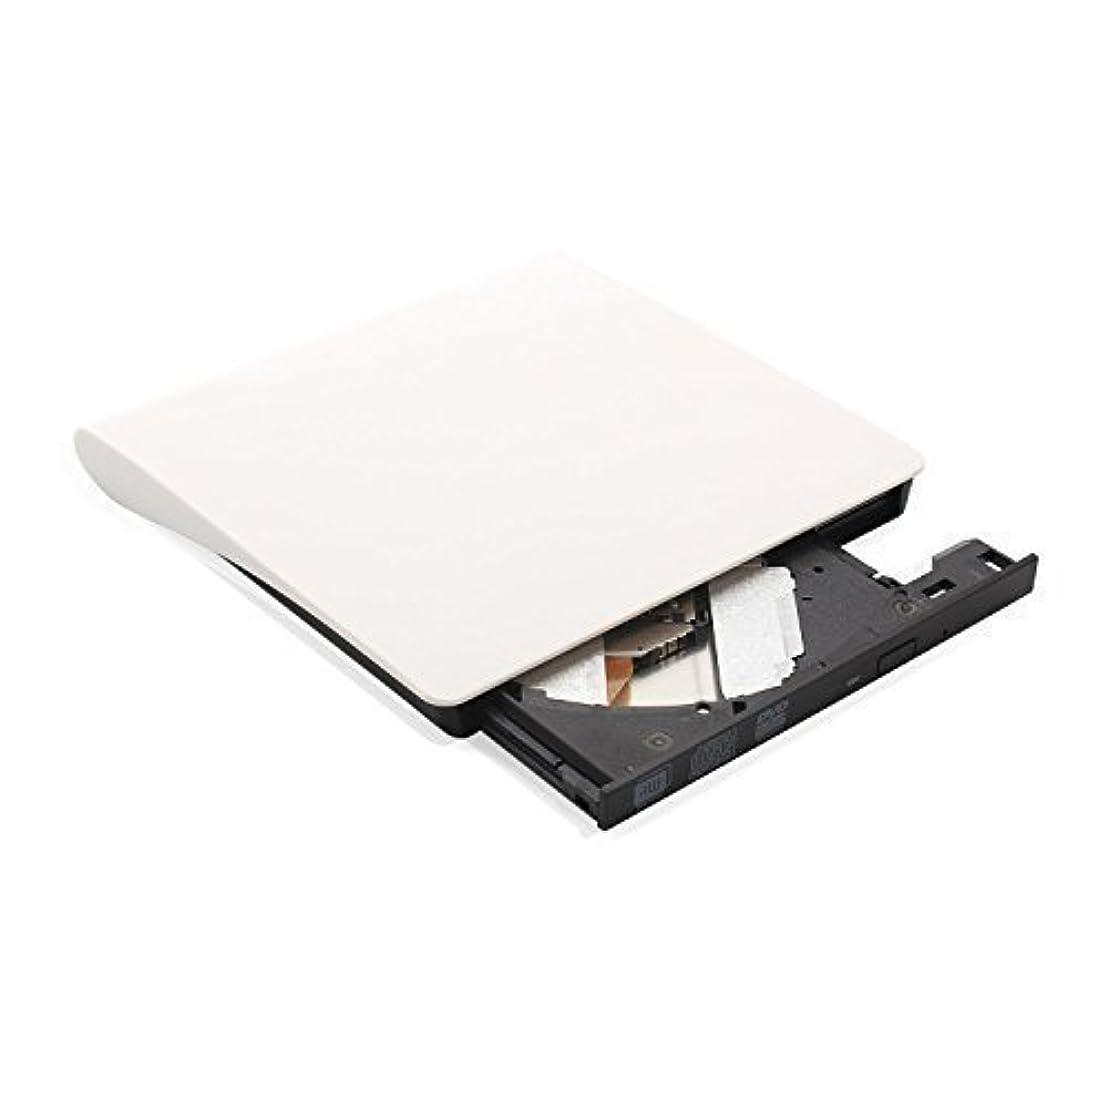 ポジションレキシコン絡まるLiegan-外部ドライブ、usb 3 .0スリムポータブルcd / dvd−rwコンボバーナーライタープレーヤーの光学ドライブのリンゴ macbook、macbook空気、ラップトップのために、デスクトップ(ホワイト) 白